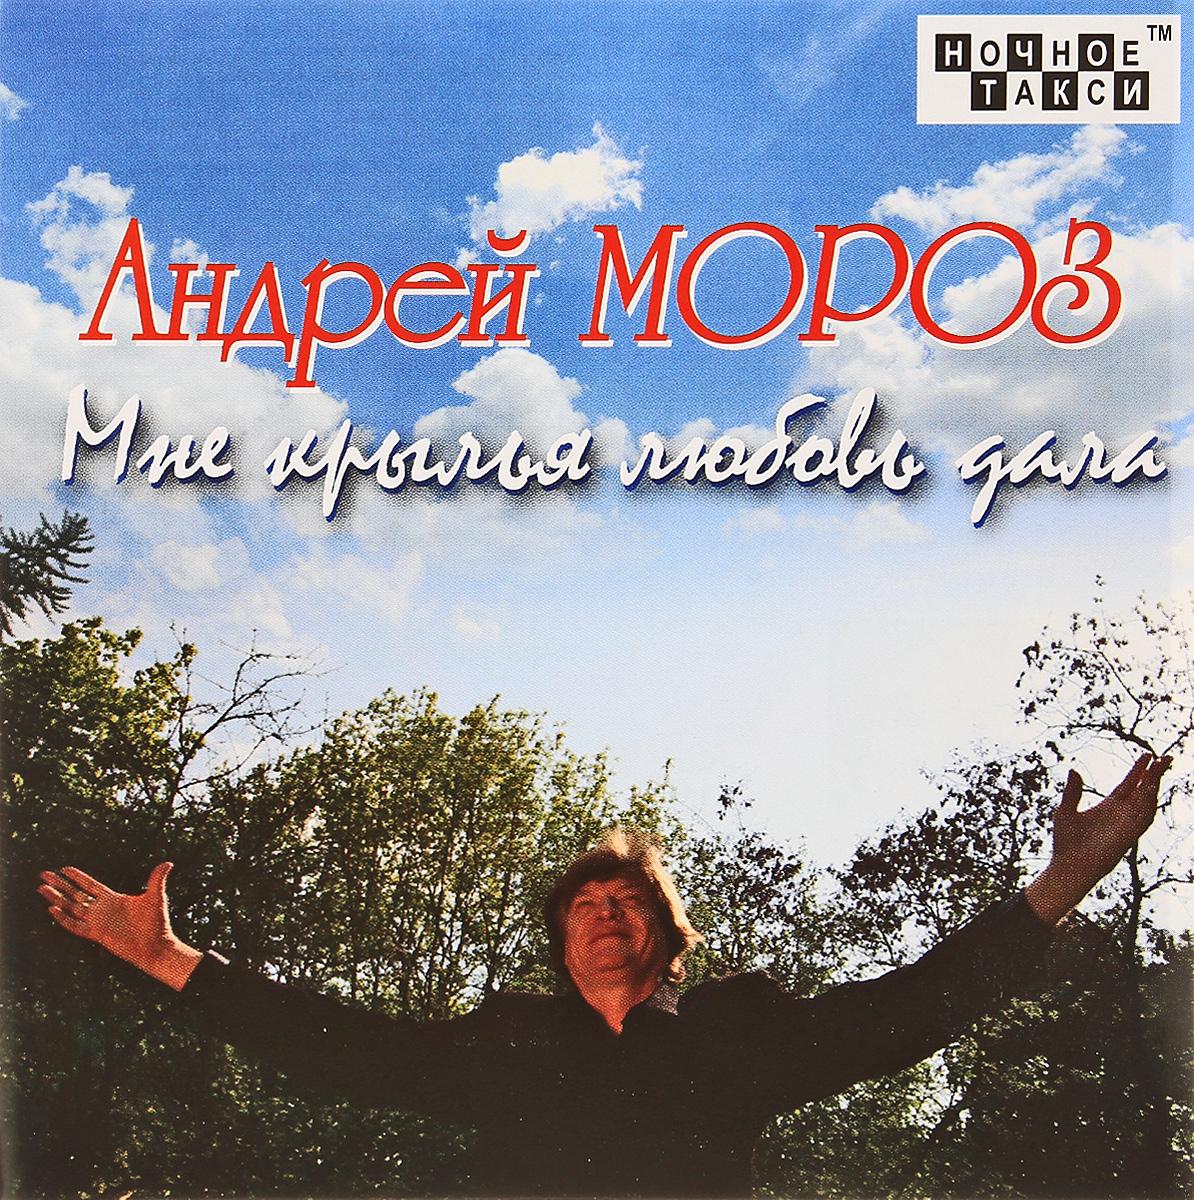 Андрей Мороз Андрей Мороз. Мне крылья любовь дала цена и фото